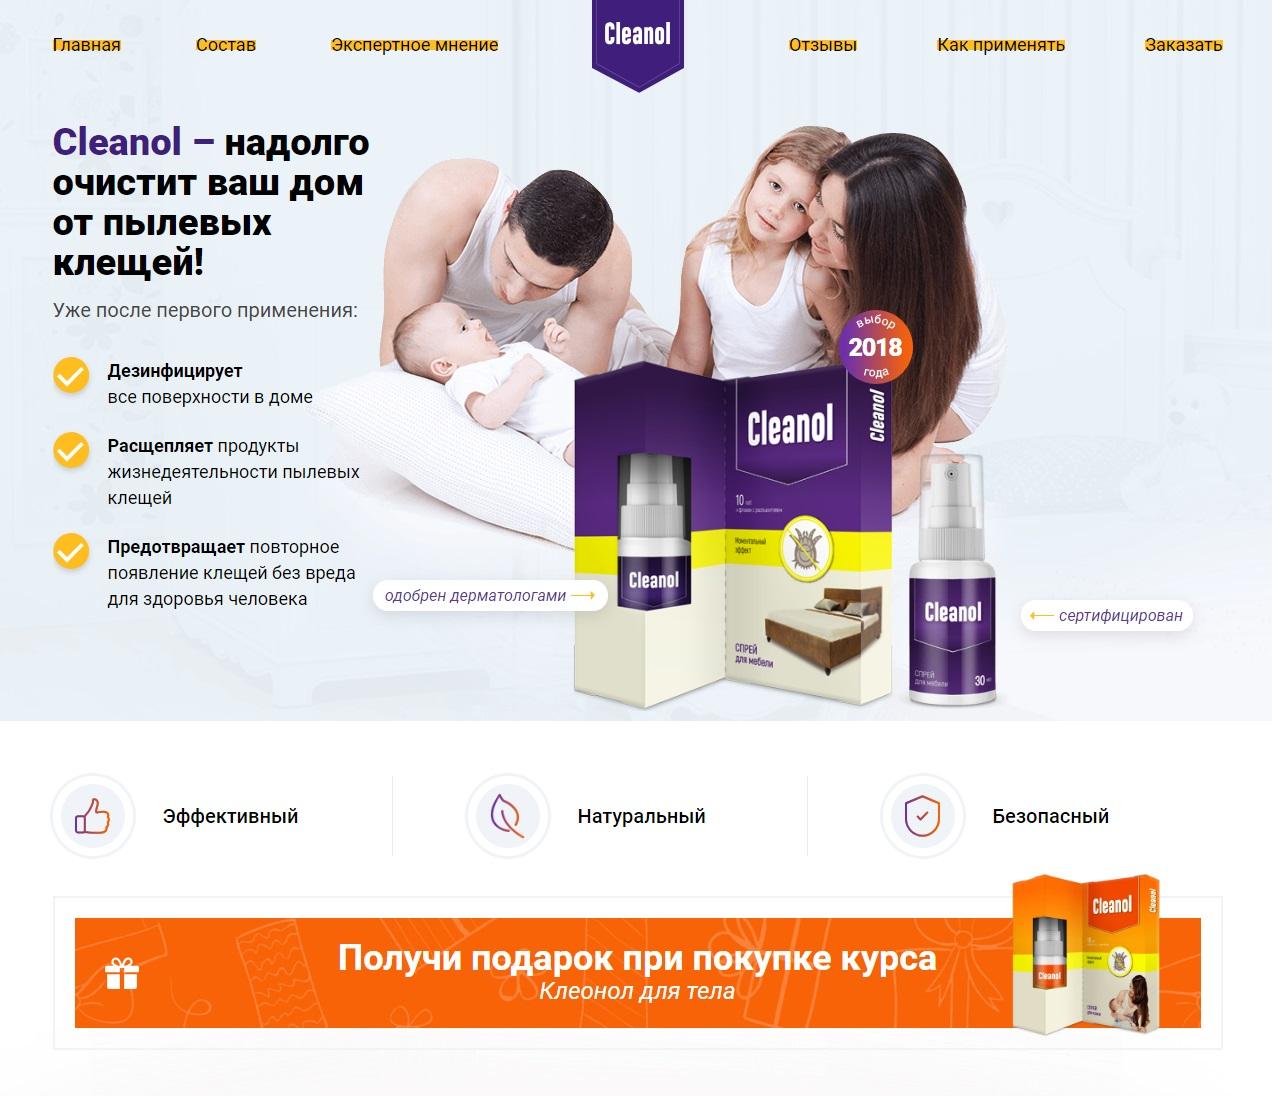 Cleanol Home от пылевых клещей: купить, отзывы, цена, доставка